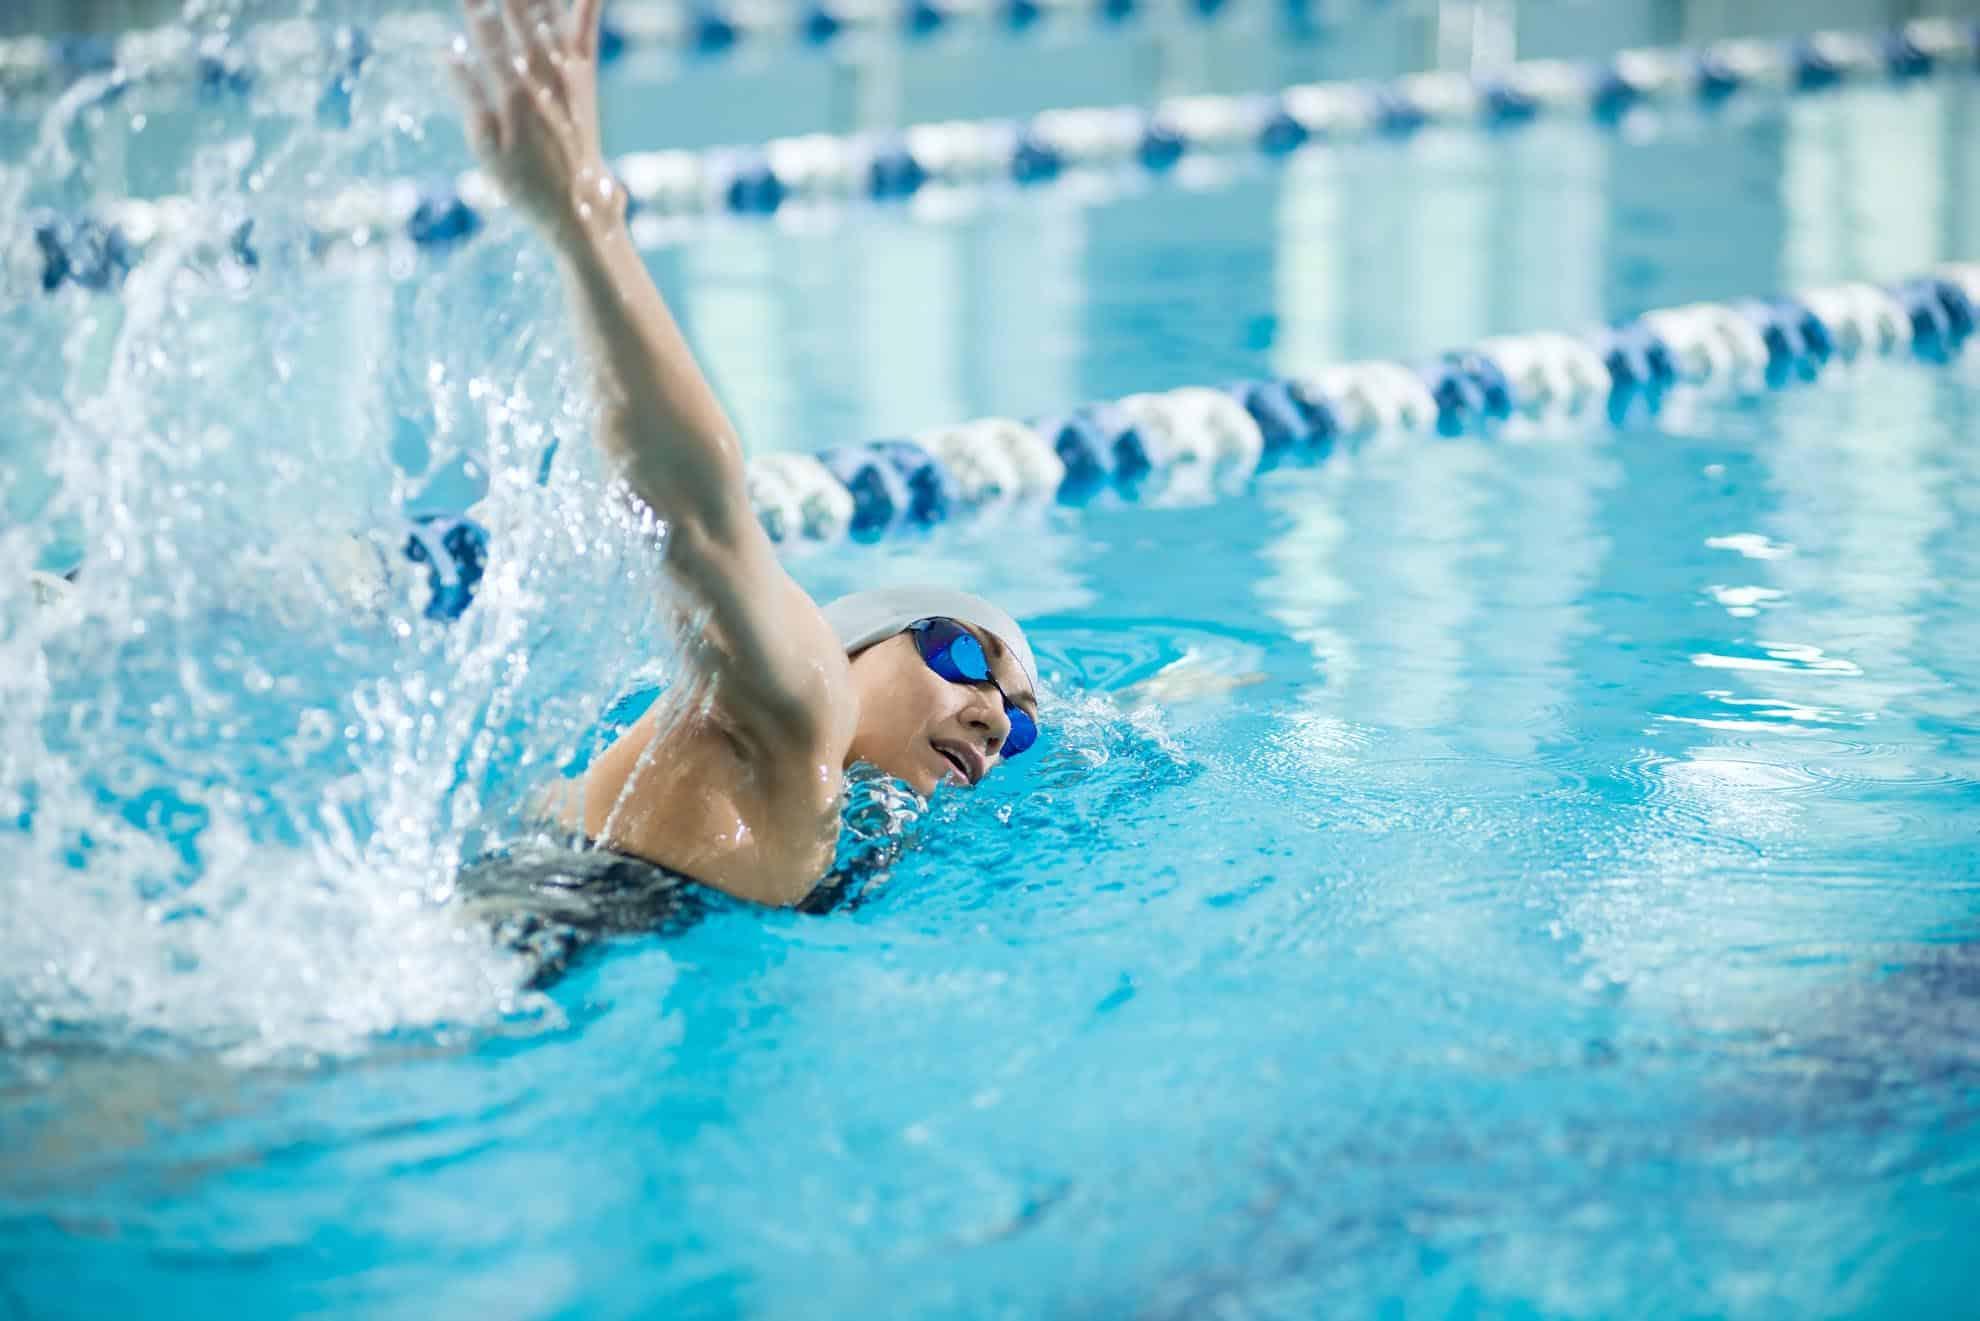 Entra nements de natation pour seniors pour garder la forme 1 for Sport en piscine pour maigrir